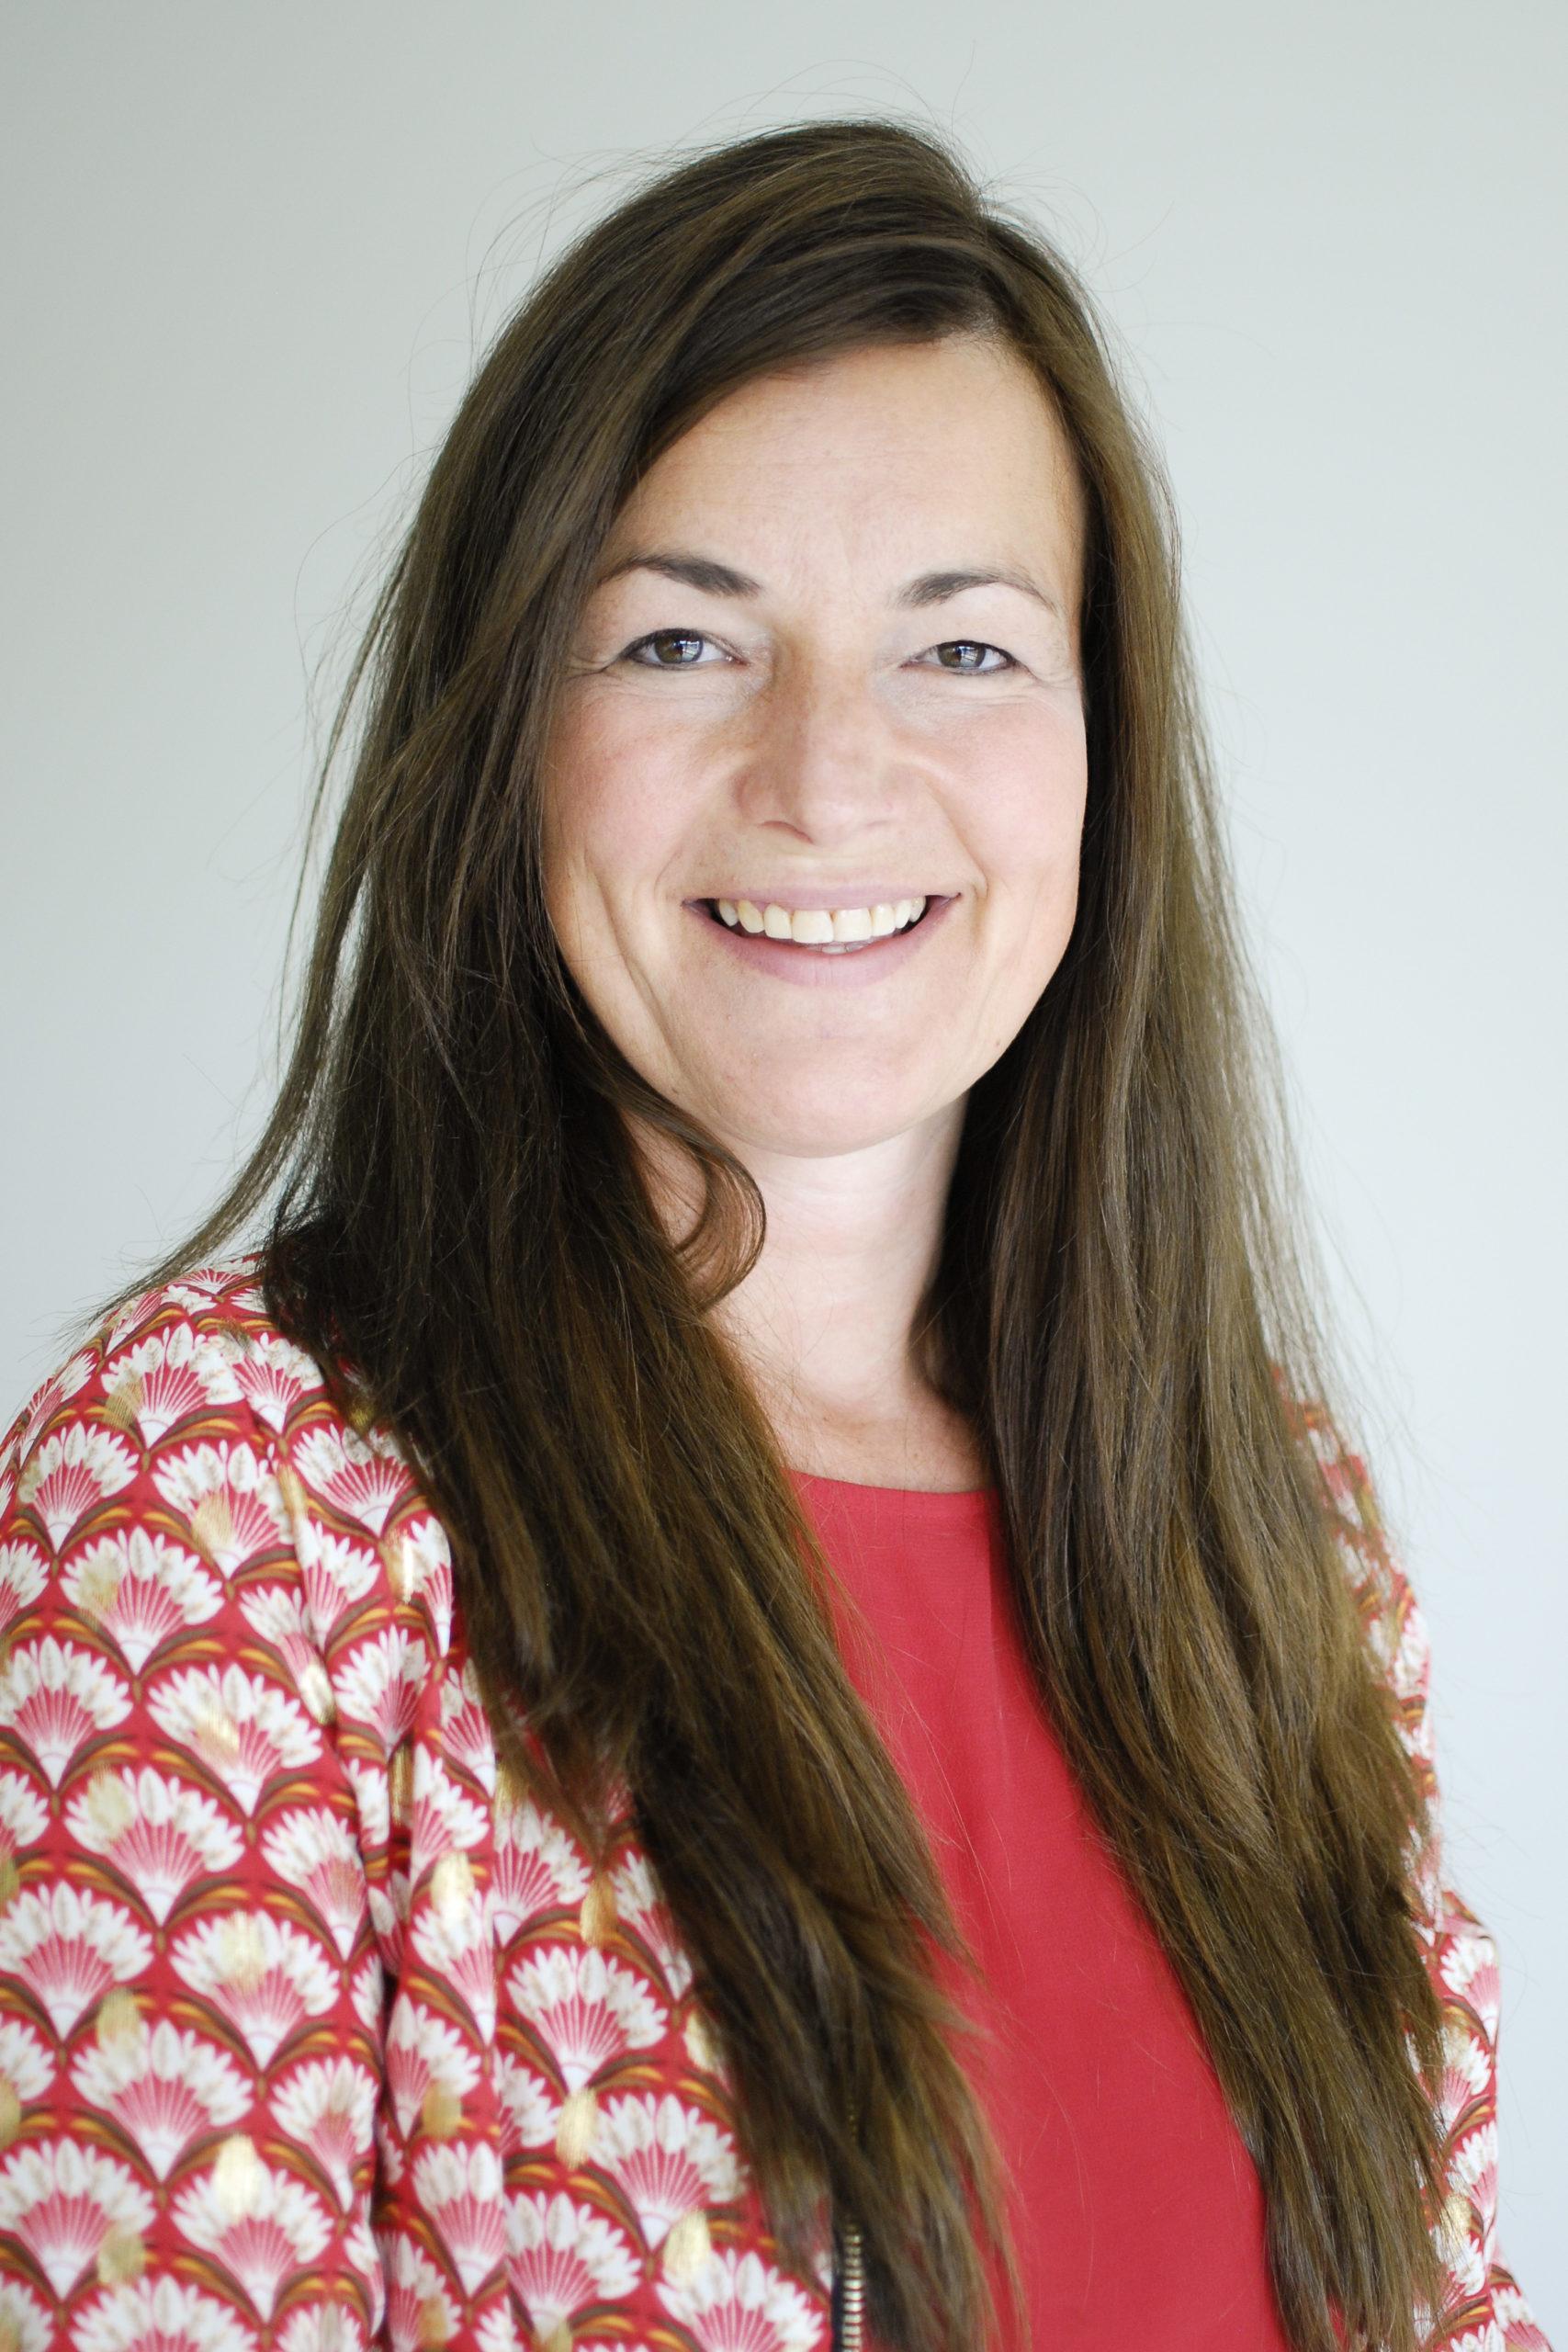 Ingrid De Ryck